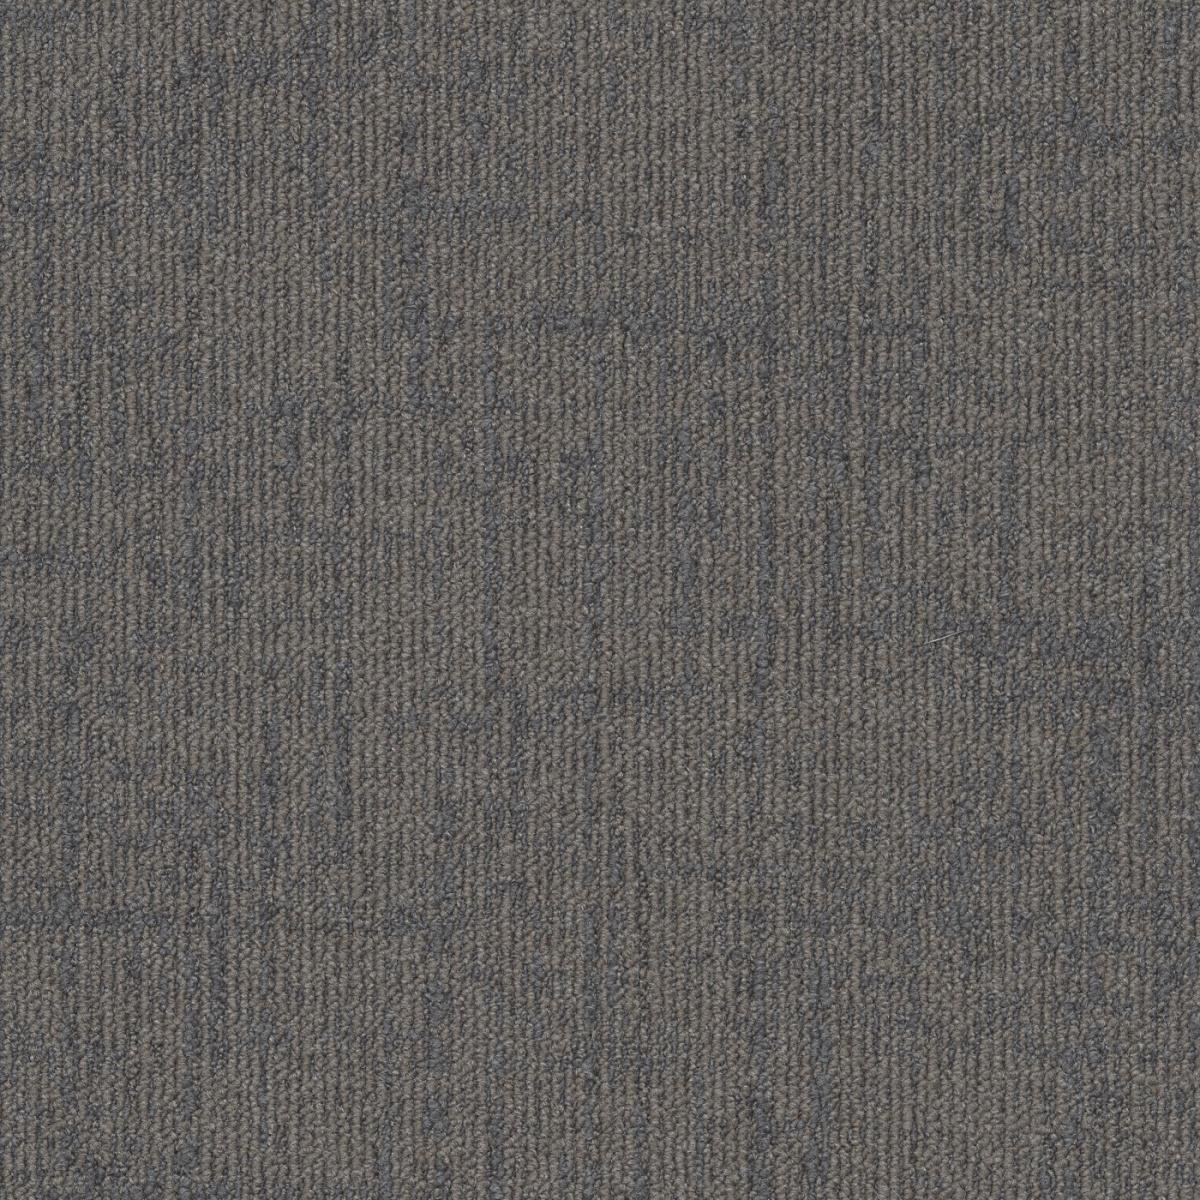 Tweed61324